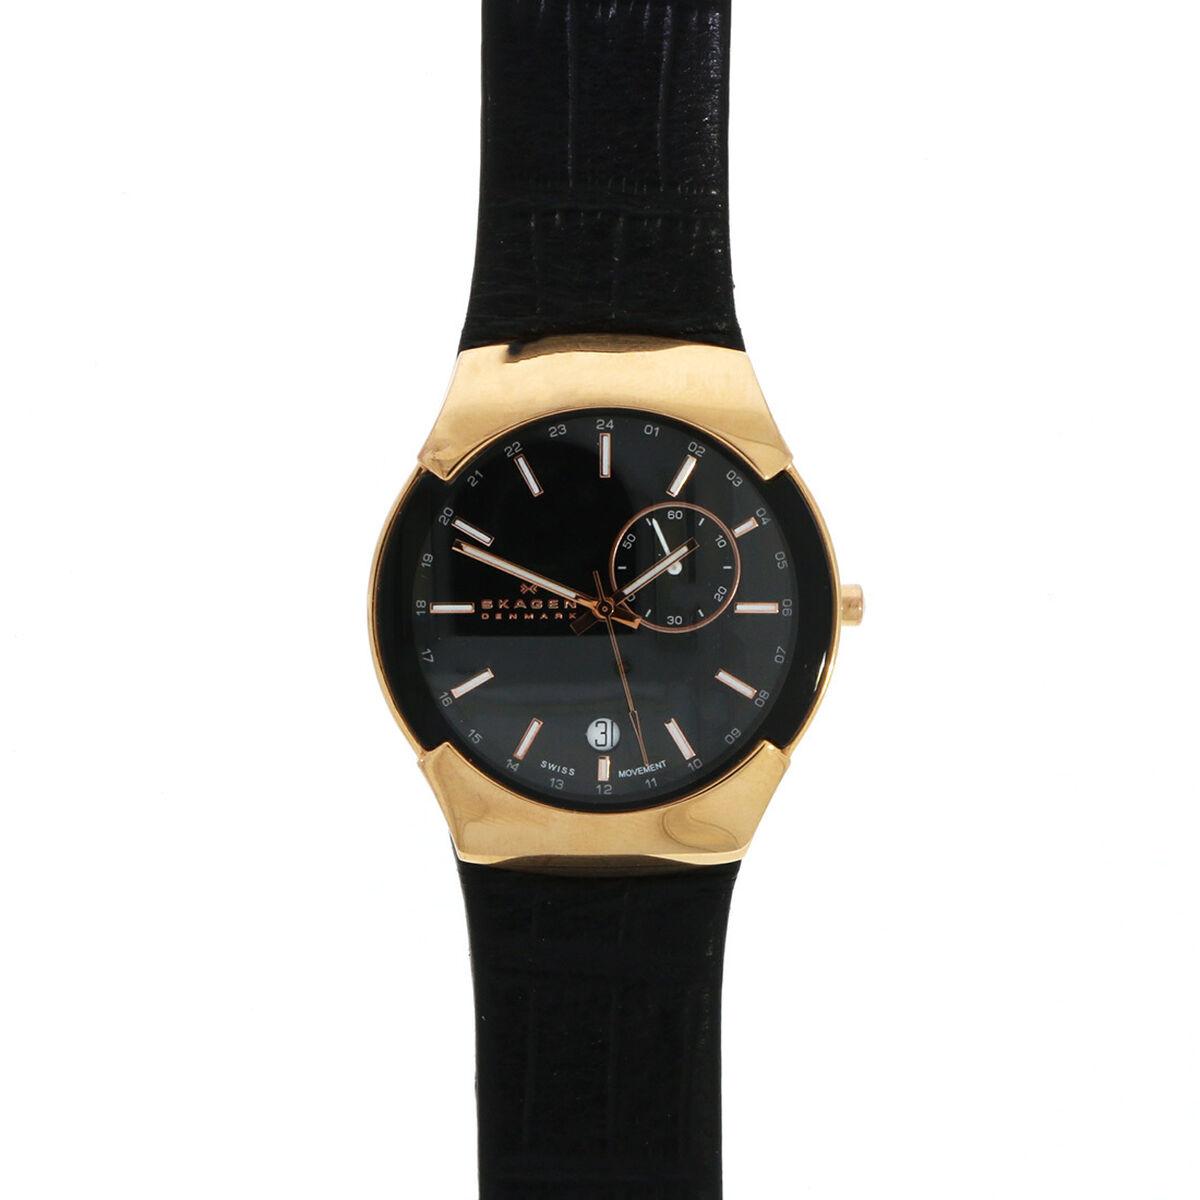 Bild zu Galeria.de: 20% Rabatt auf Skagen Herren Armbanduhren, z.B.: Skagen Herrenuhr SKW6429 für 85,94€ (Vergleich: 131,14€)